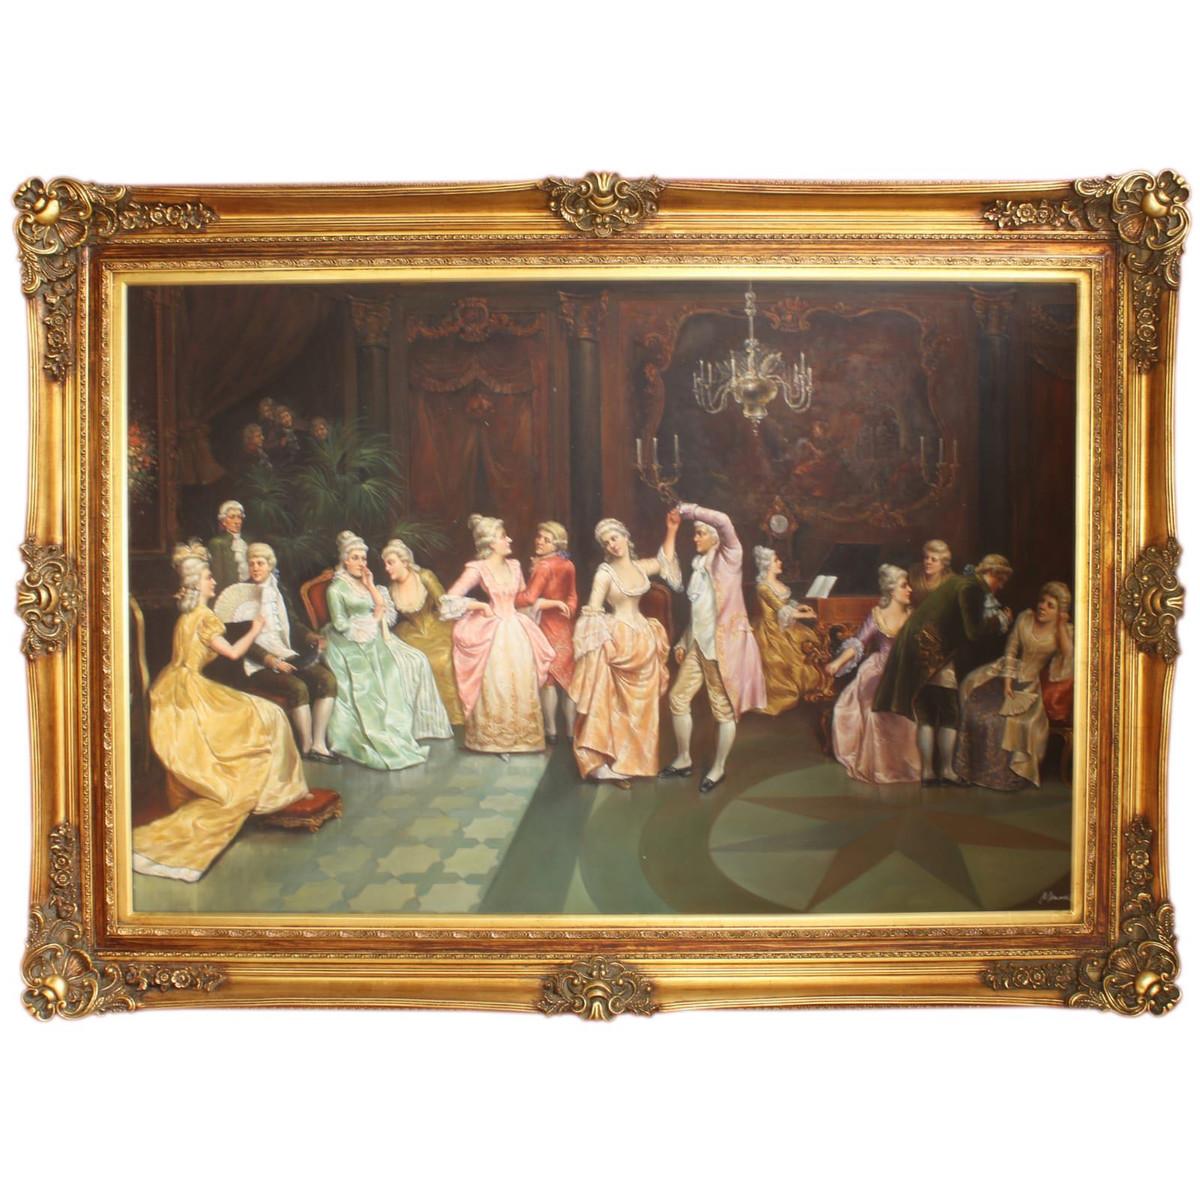 Riesiges Handgemaltes Barock Öl Gemälde Konzert im Ballsaal Gold ...